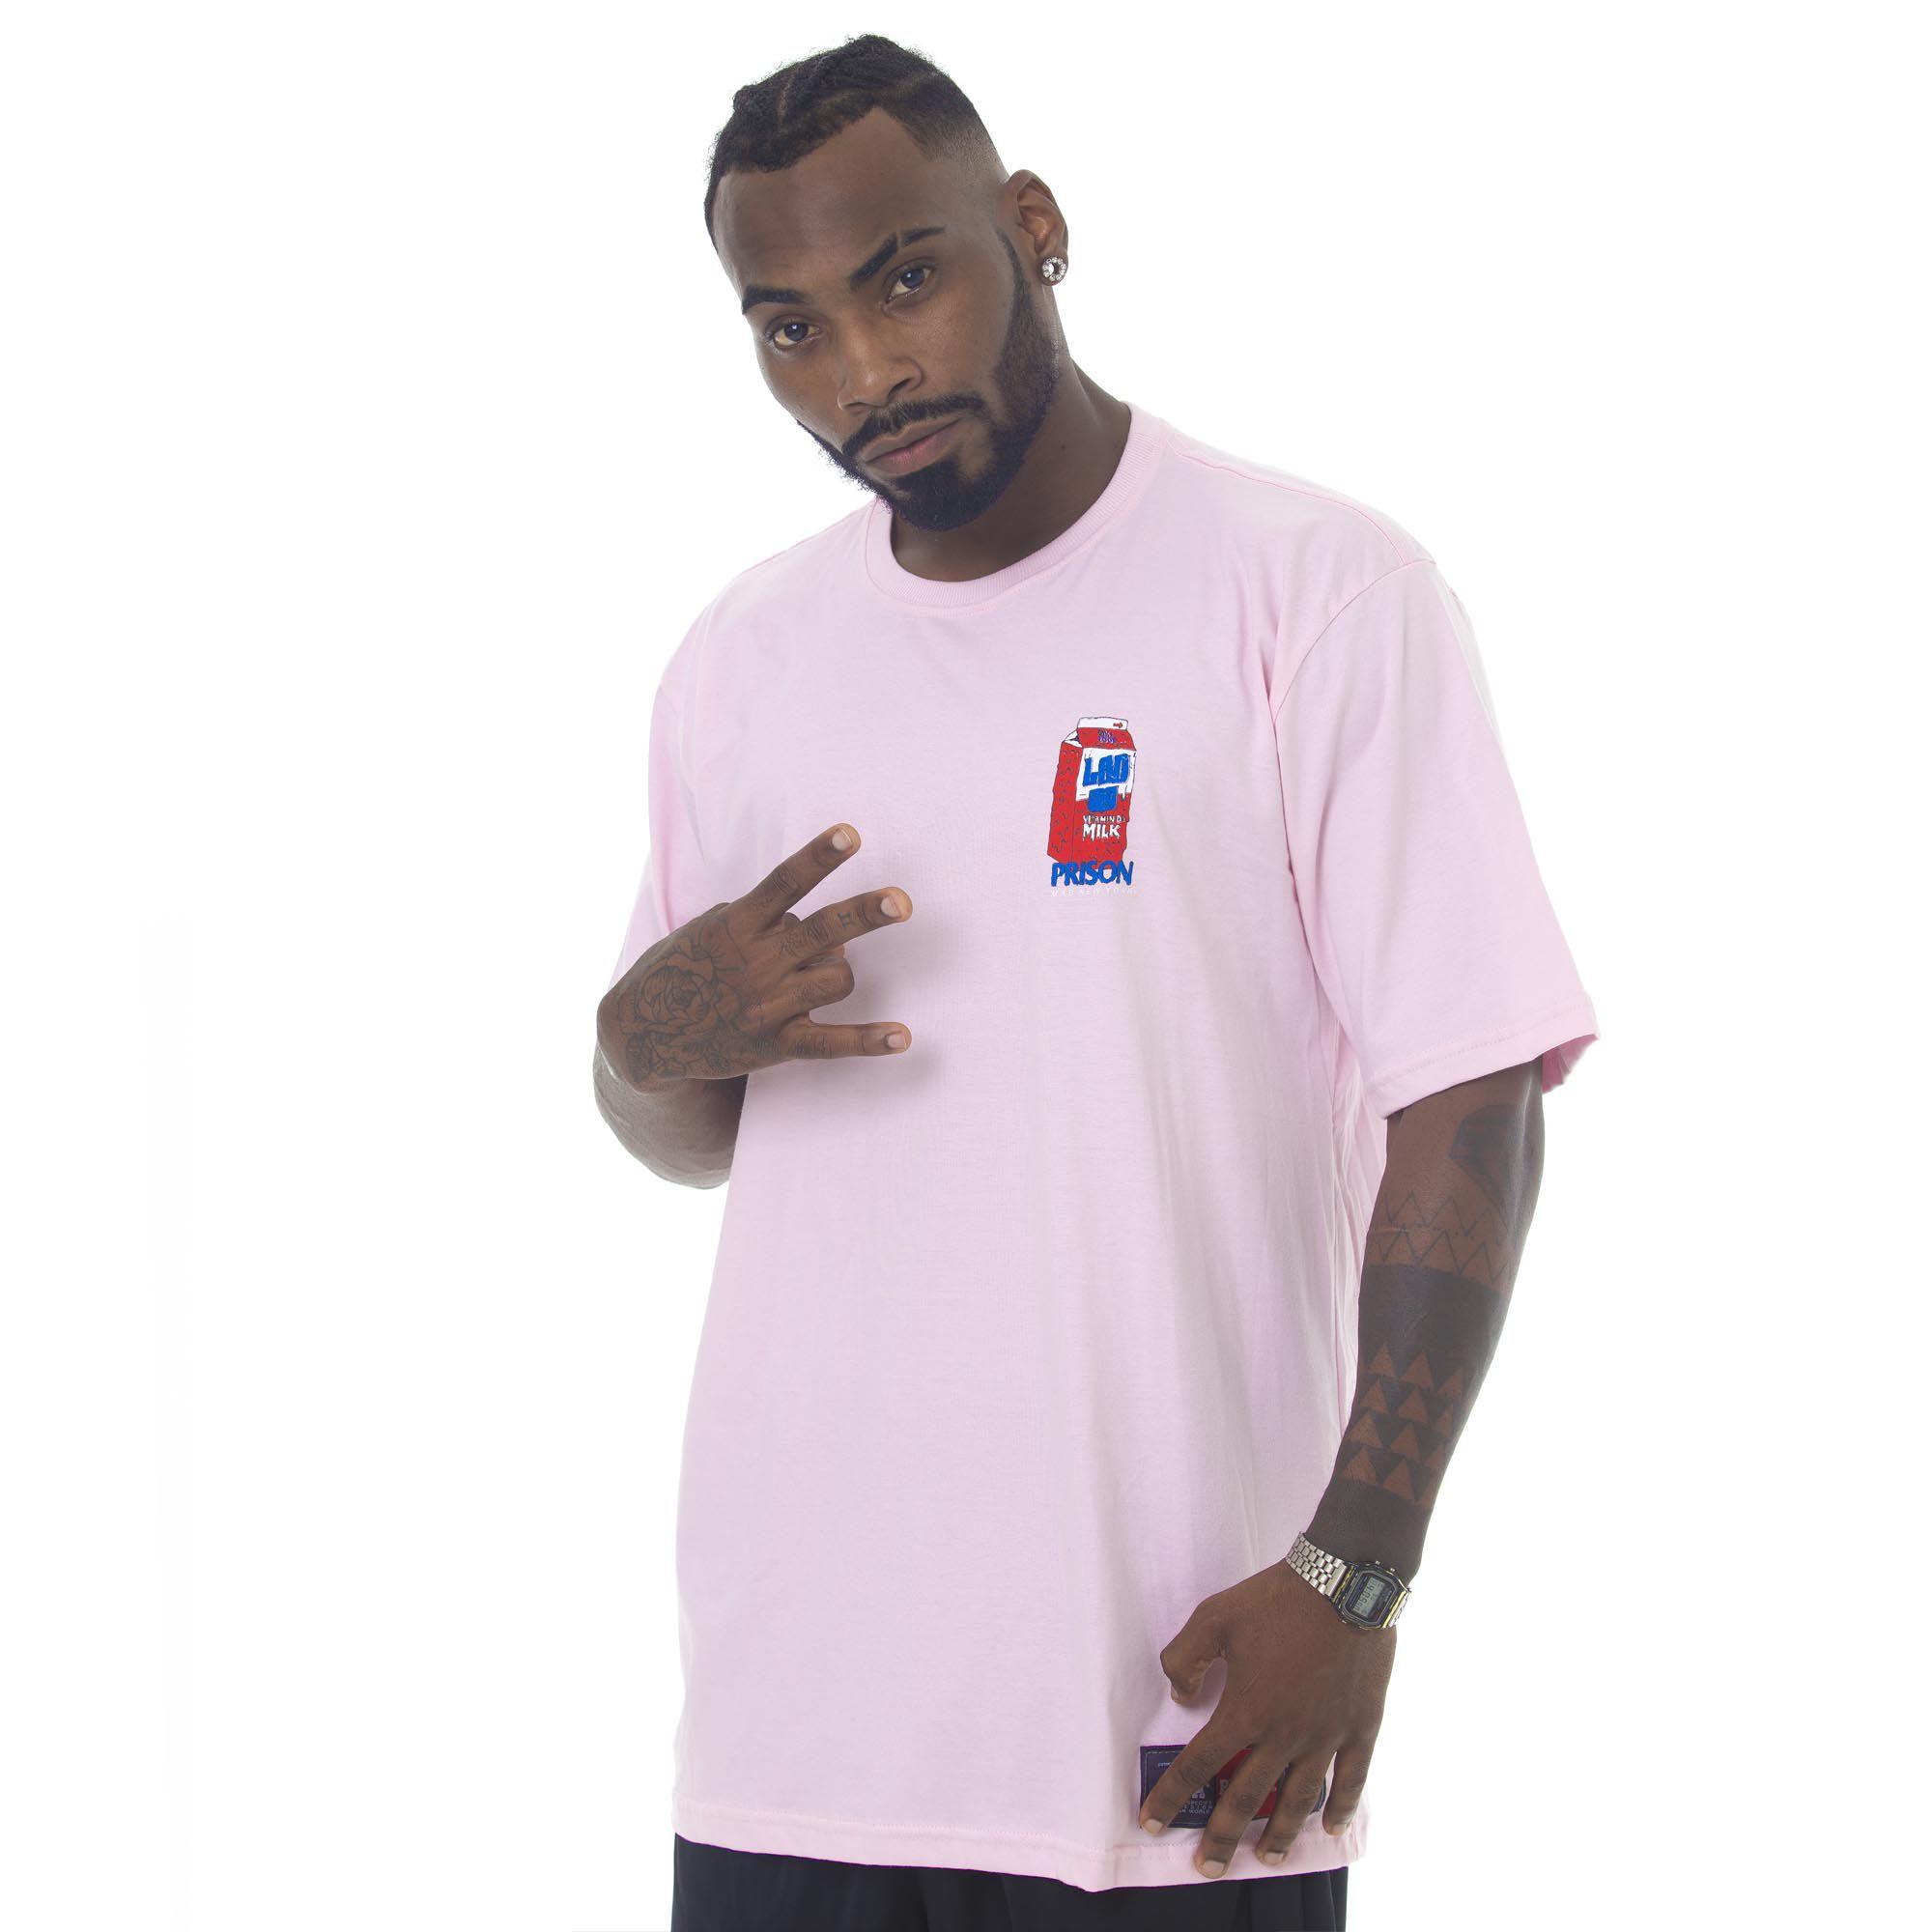 Camiseta Prison Acid Milk Rosa